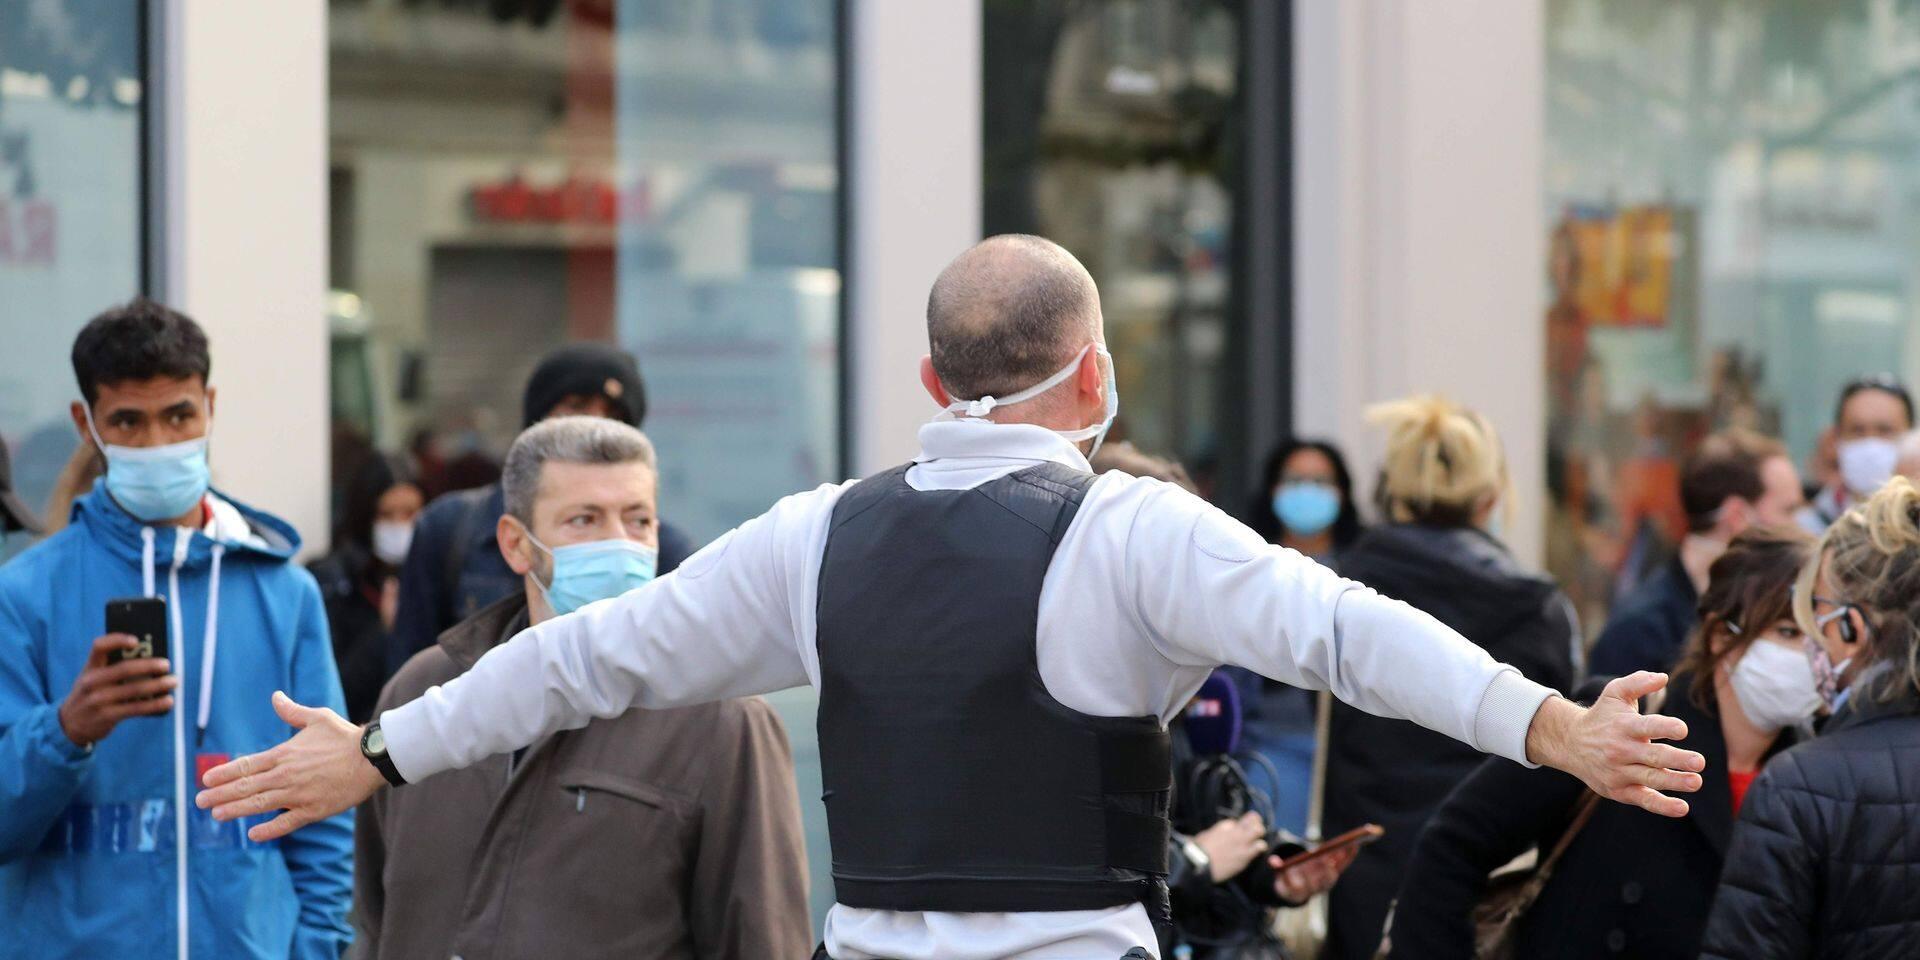 Nouvelle attaque au couteau à Paris: un homme attaque des policiers en pleine rue, il est neutralisé